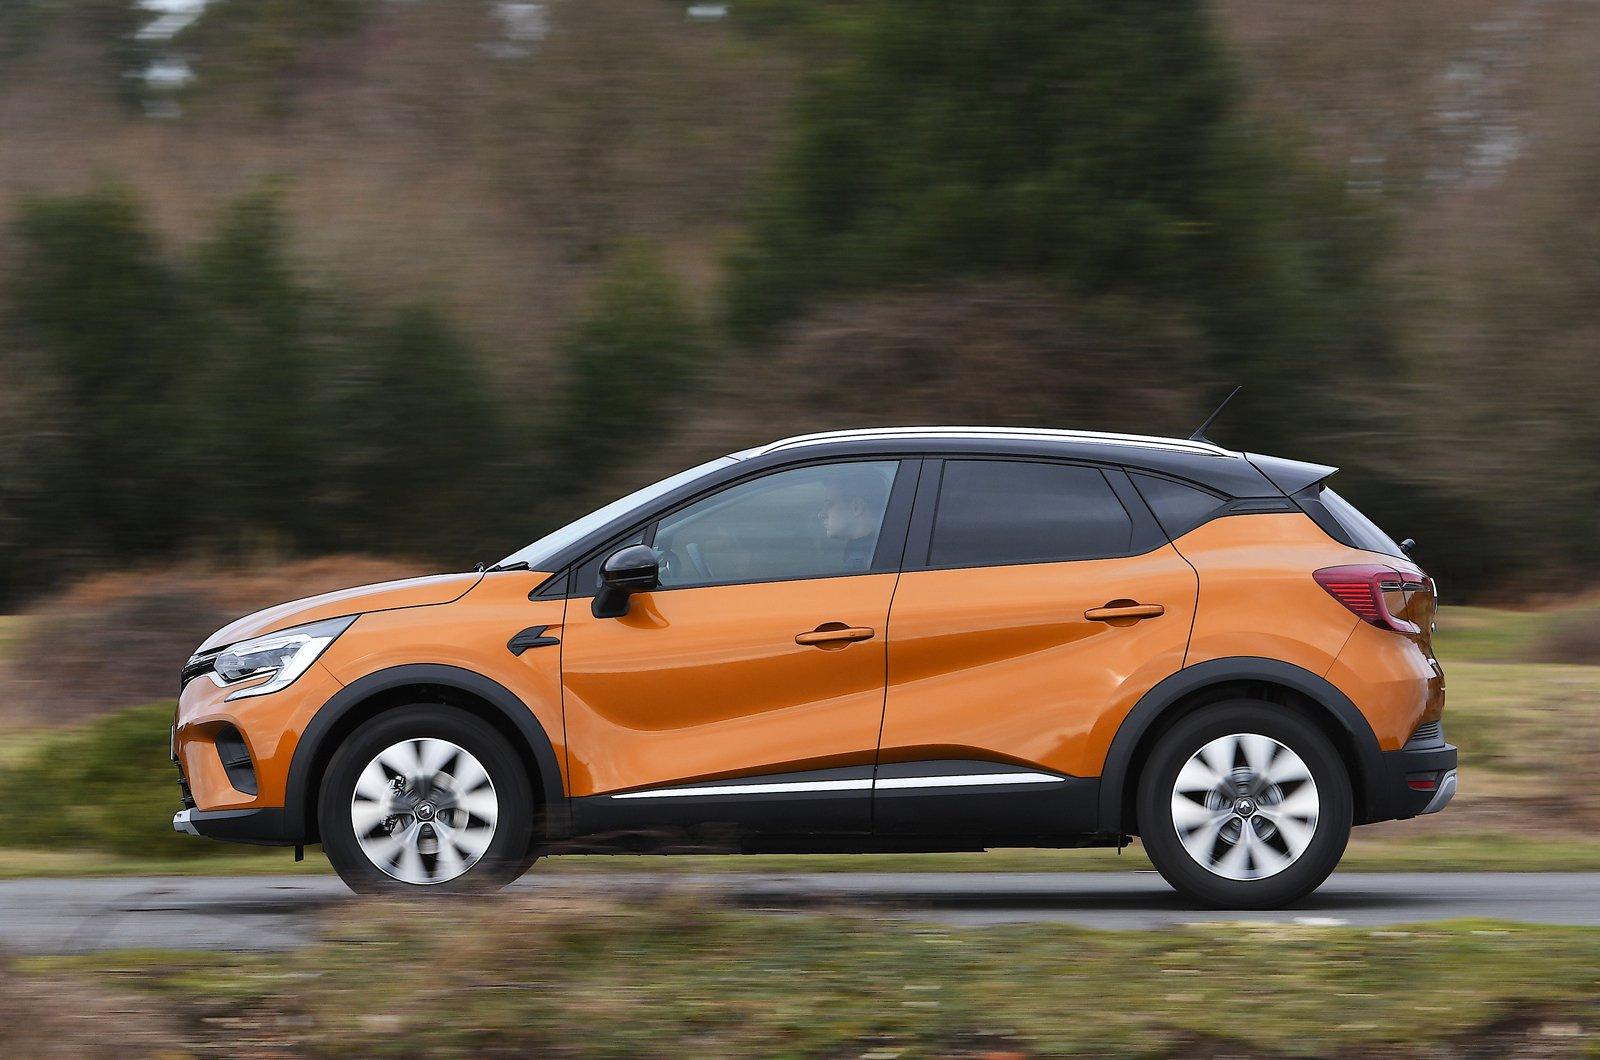 Renault Captur side panning - orange 69-plate car